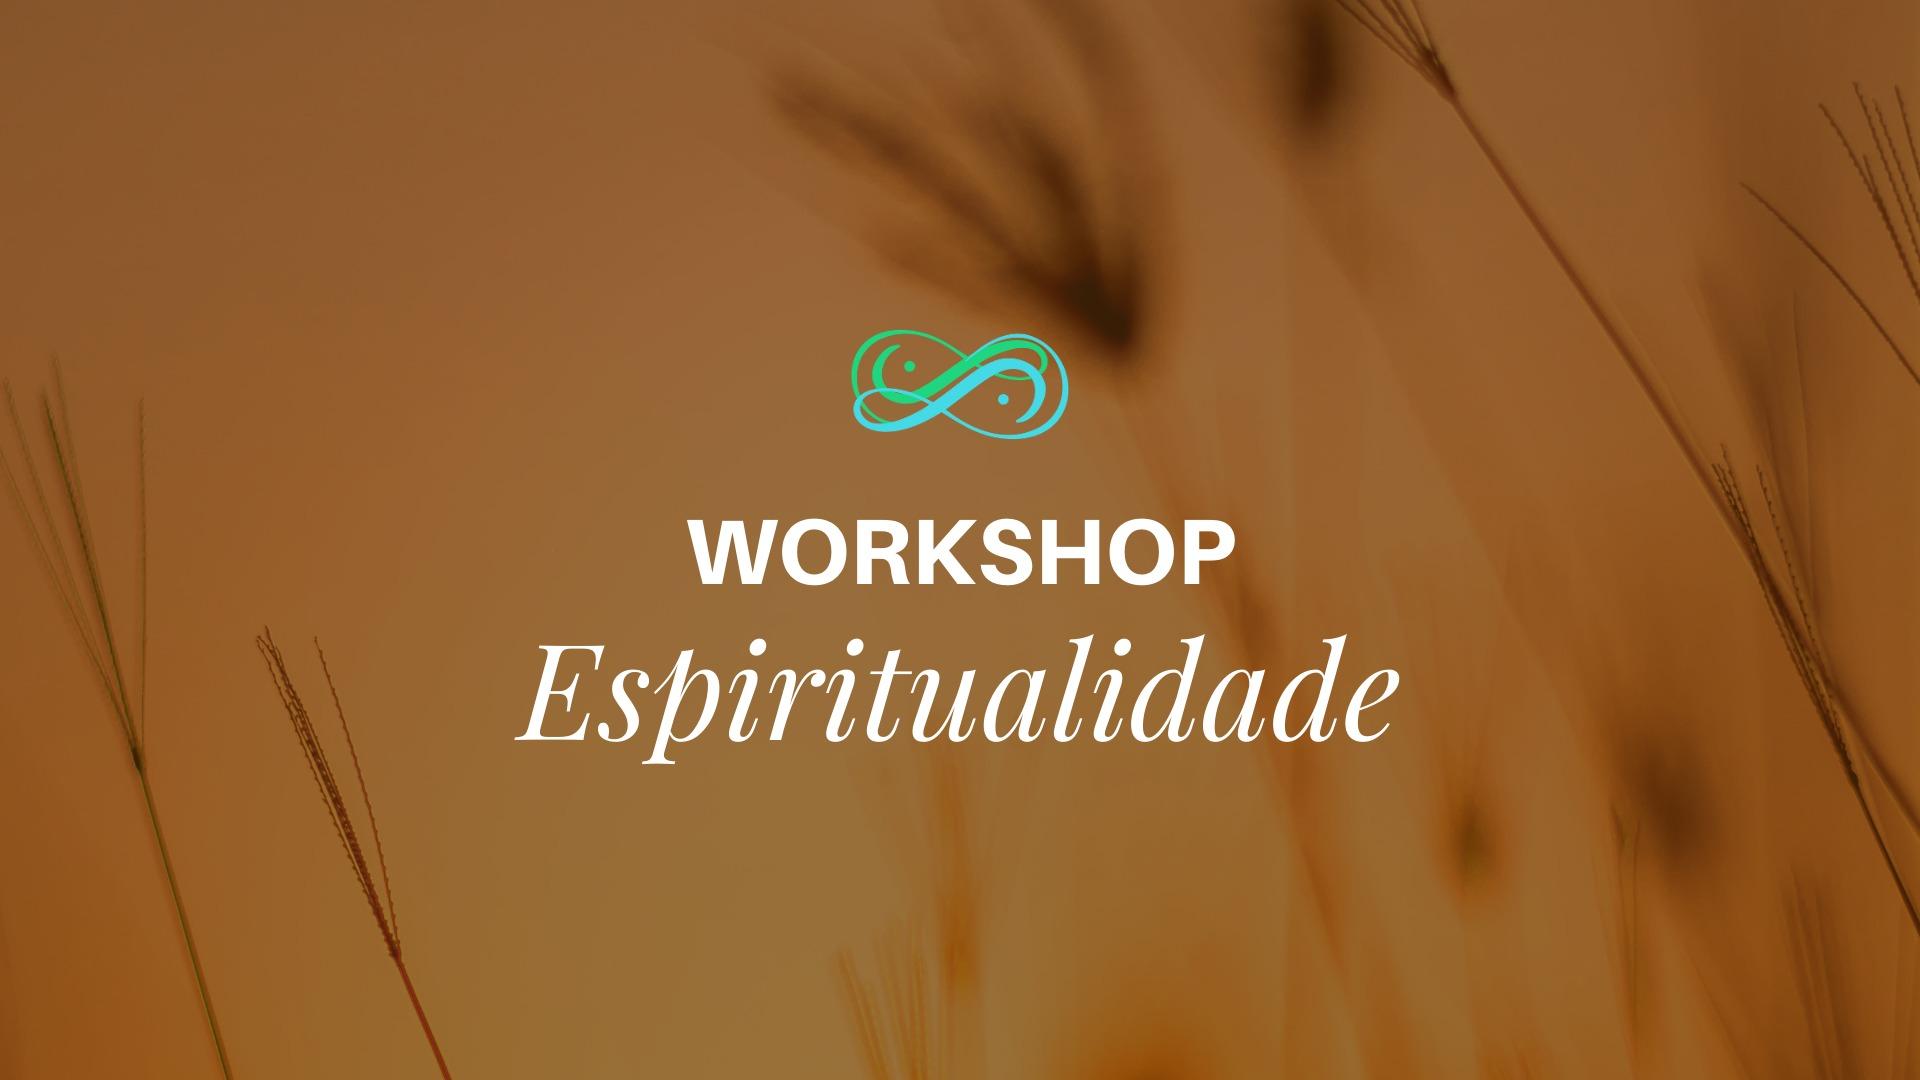 workshop espiritualidade